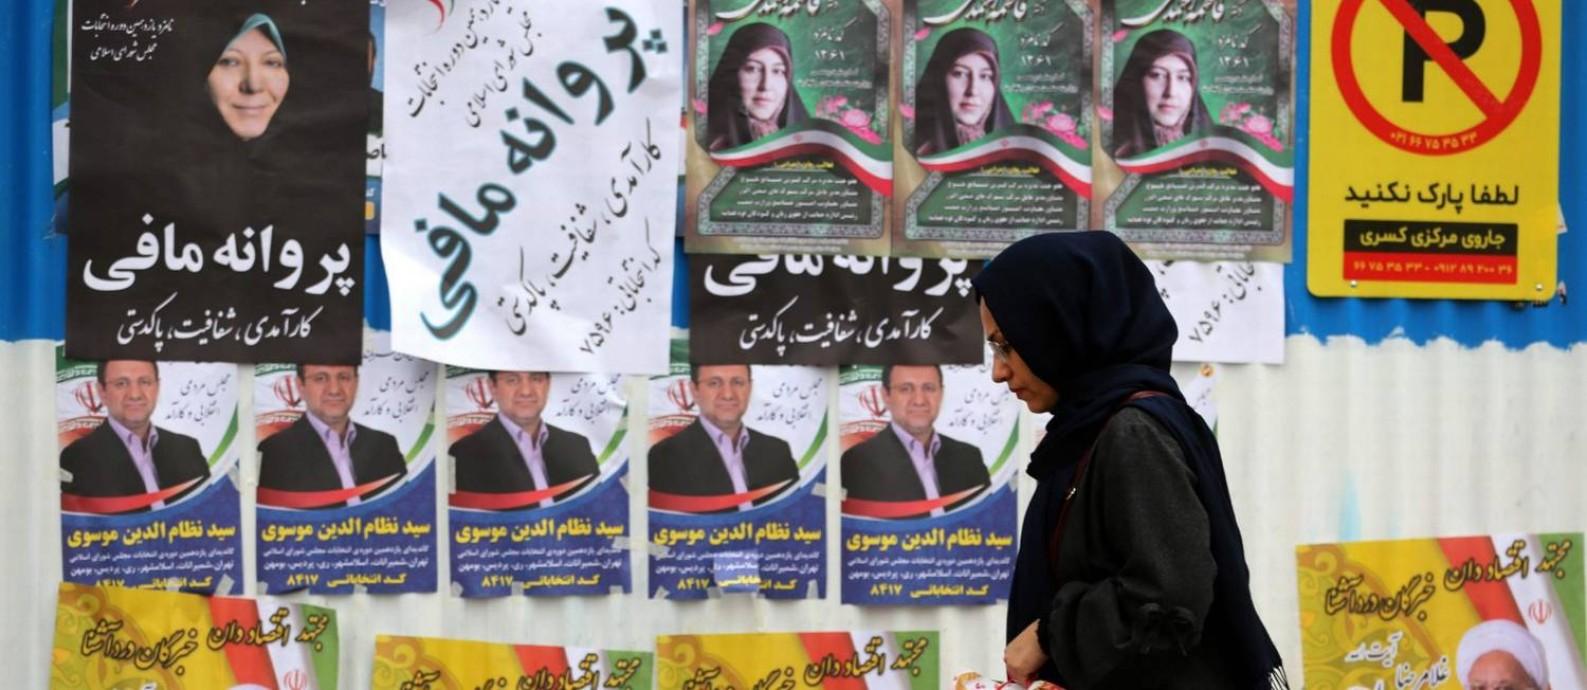 Iraniana passa por cartazes de candidatos no último dia de campanha em Teerã Foto: ATTA KENARE / ATTA KENARE/AFP